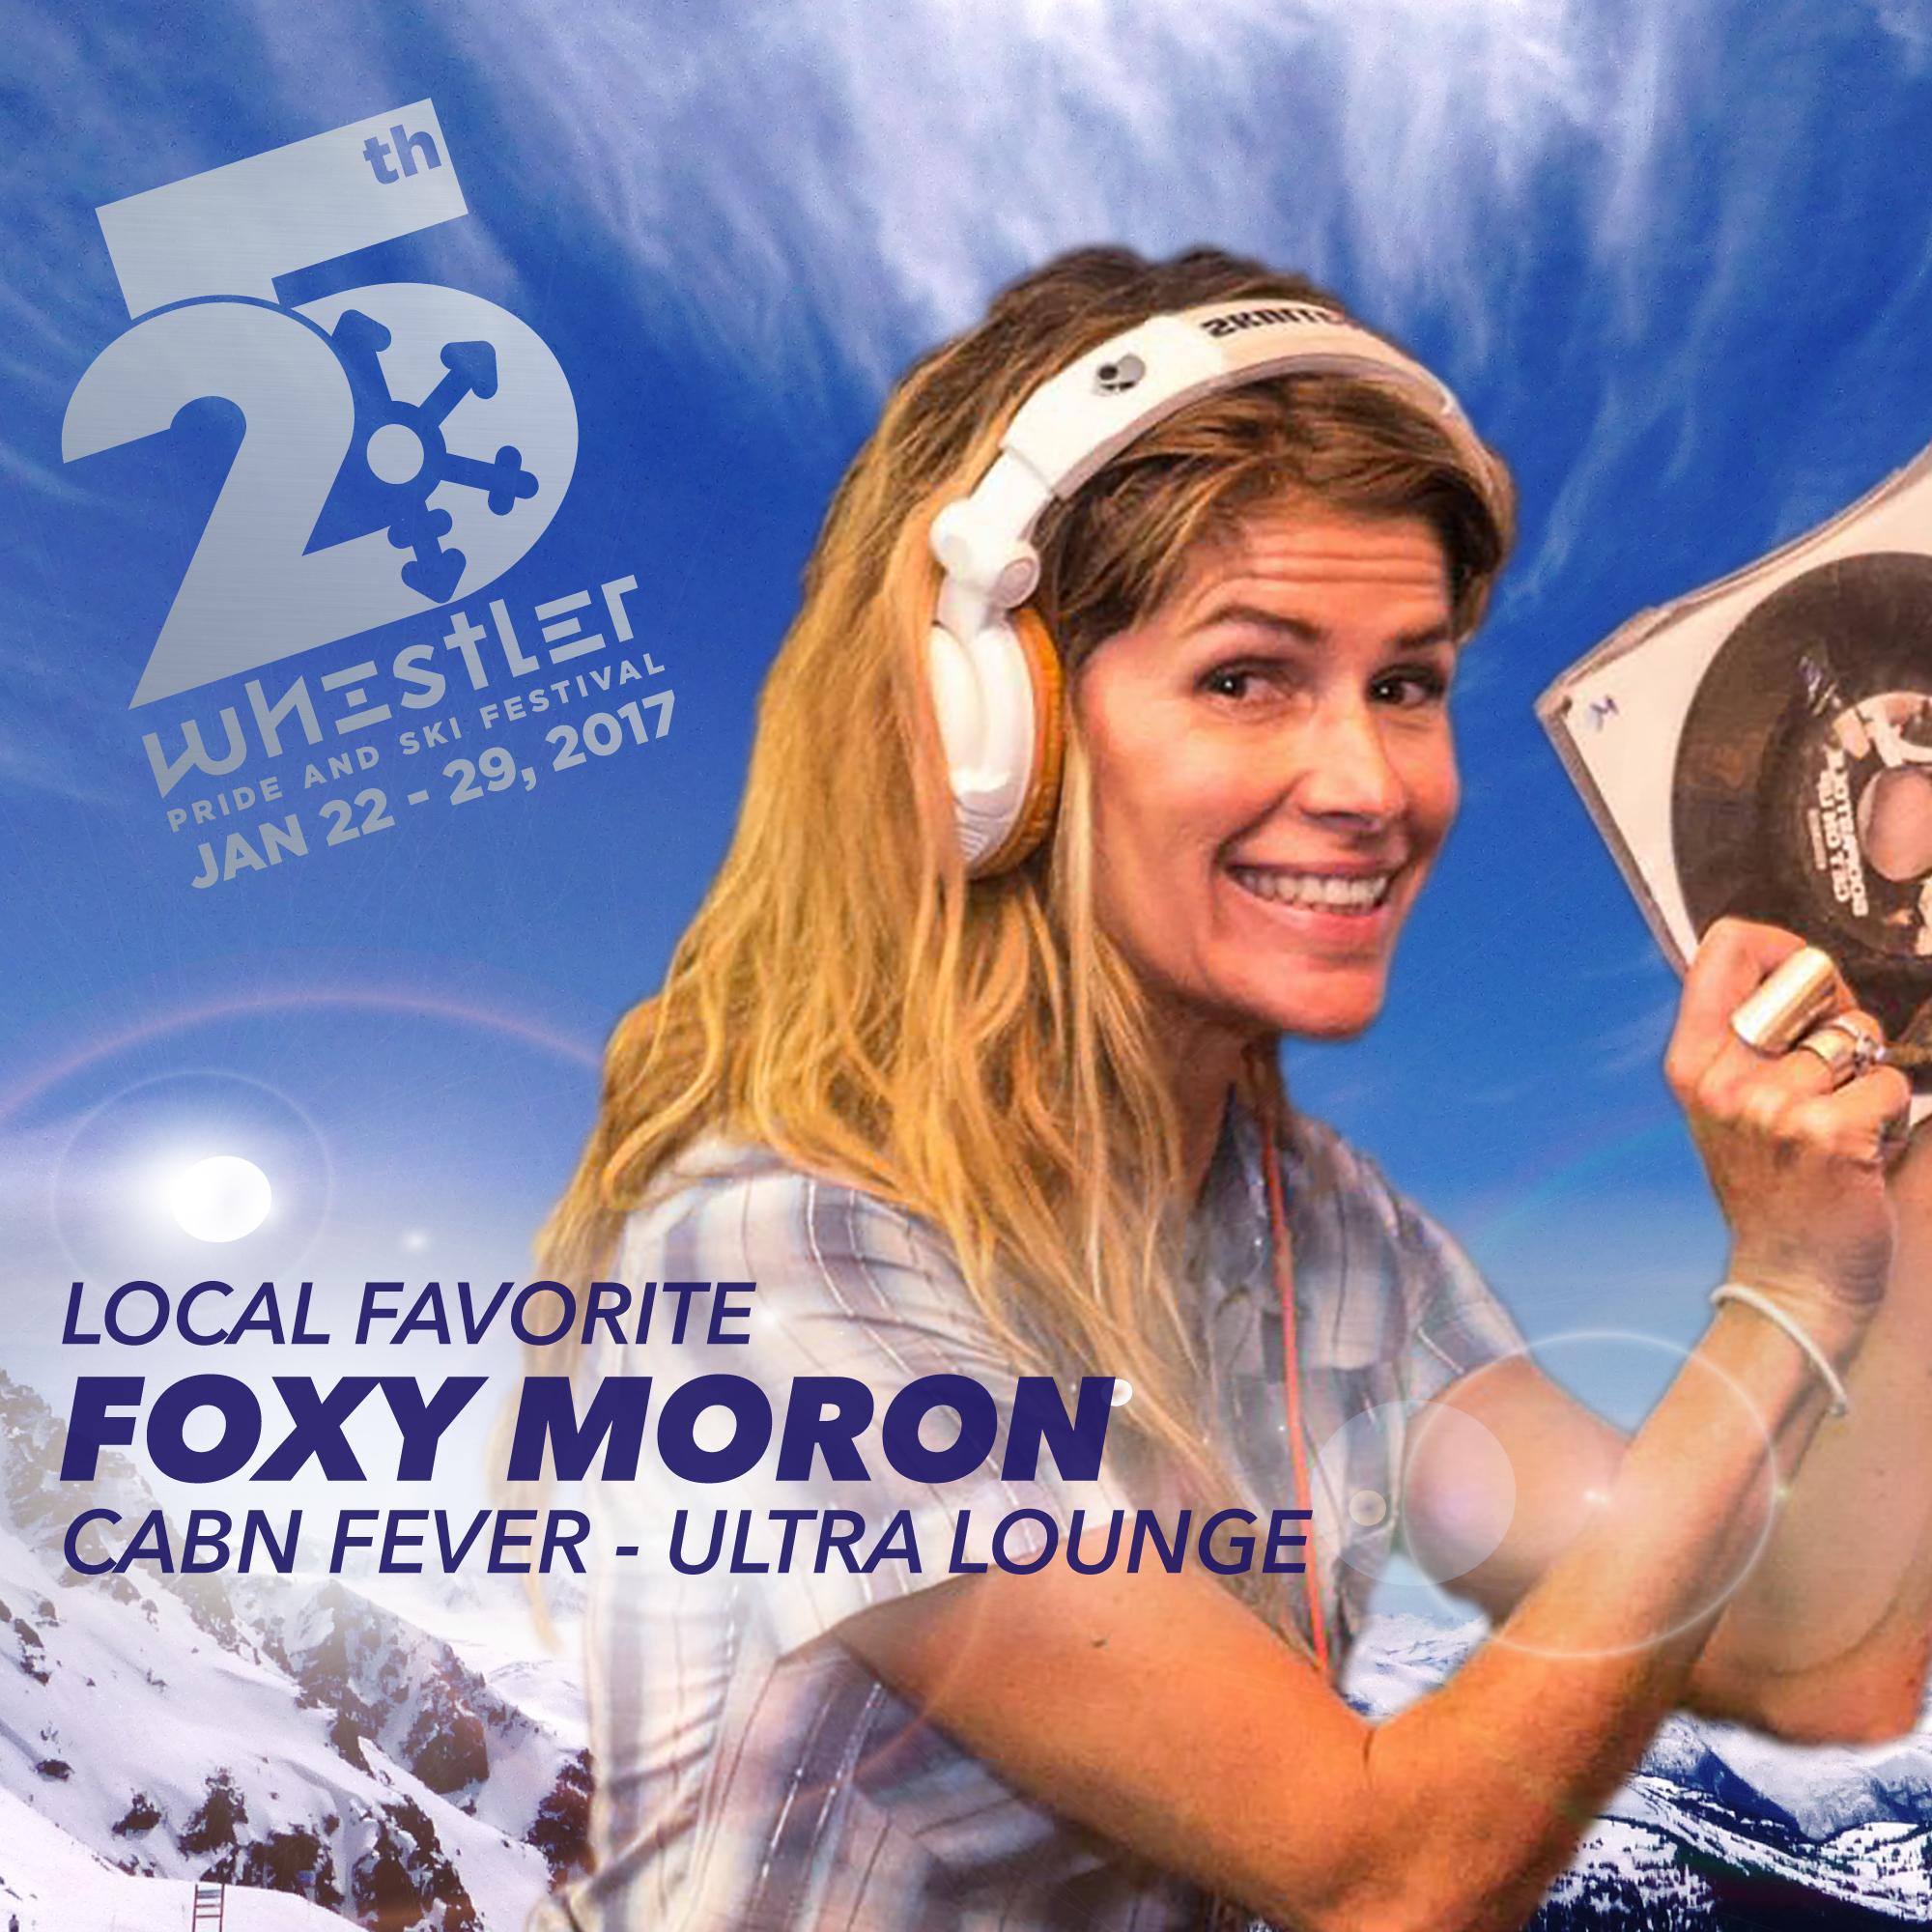 Foxy Moron Whistler's favorite DJ spinning at Whistler Pride